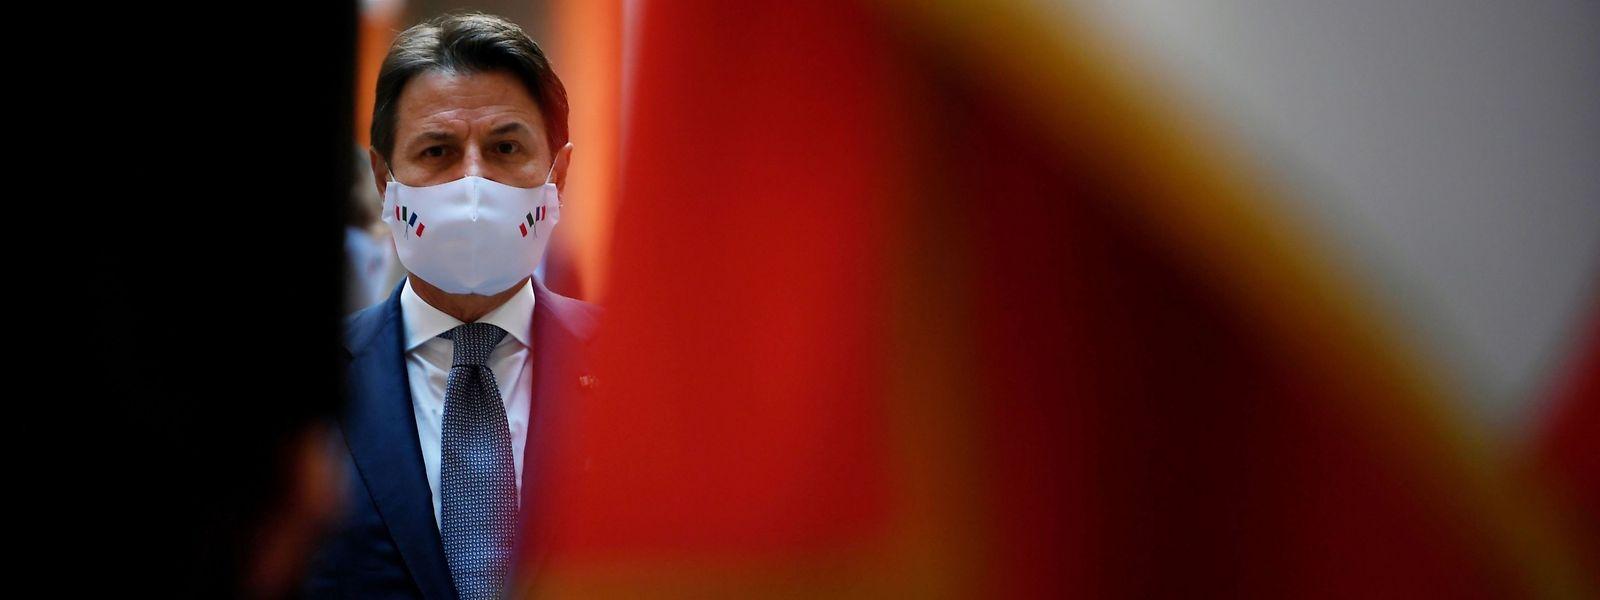 Italien steuert mitten in der Corona-Pandemie und im Streit über milliardenschwere Hilfsgelder von der EU auf einen erneuten Machtpoker zu.